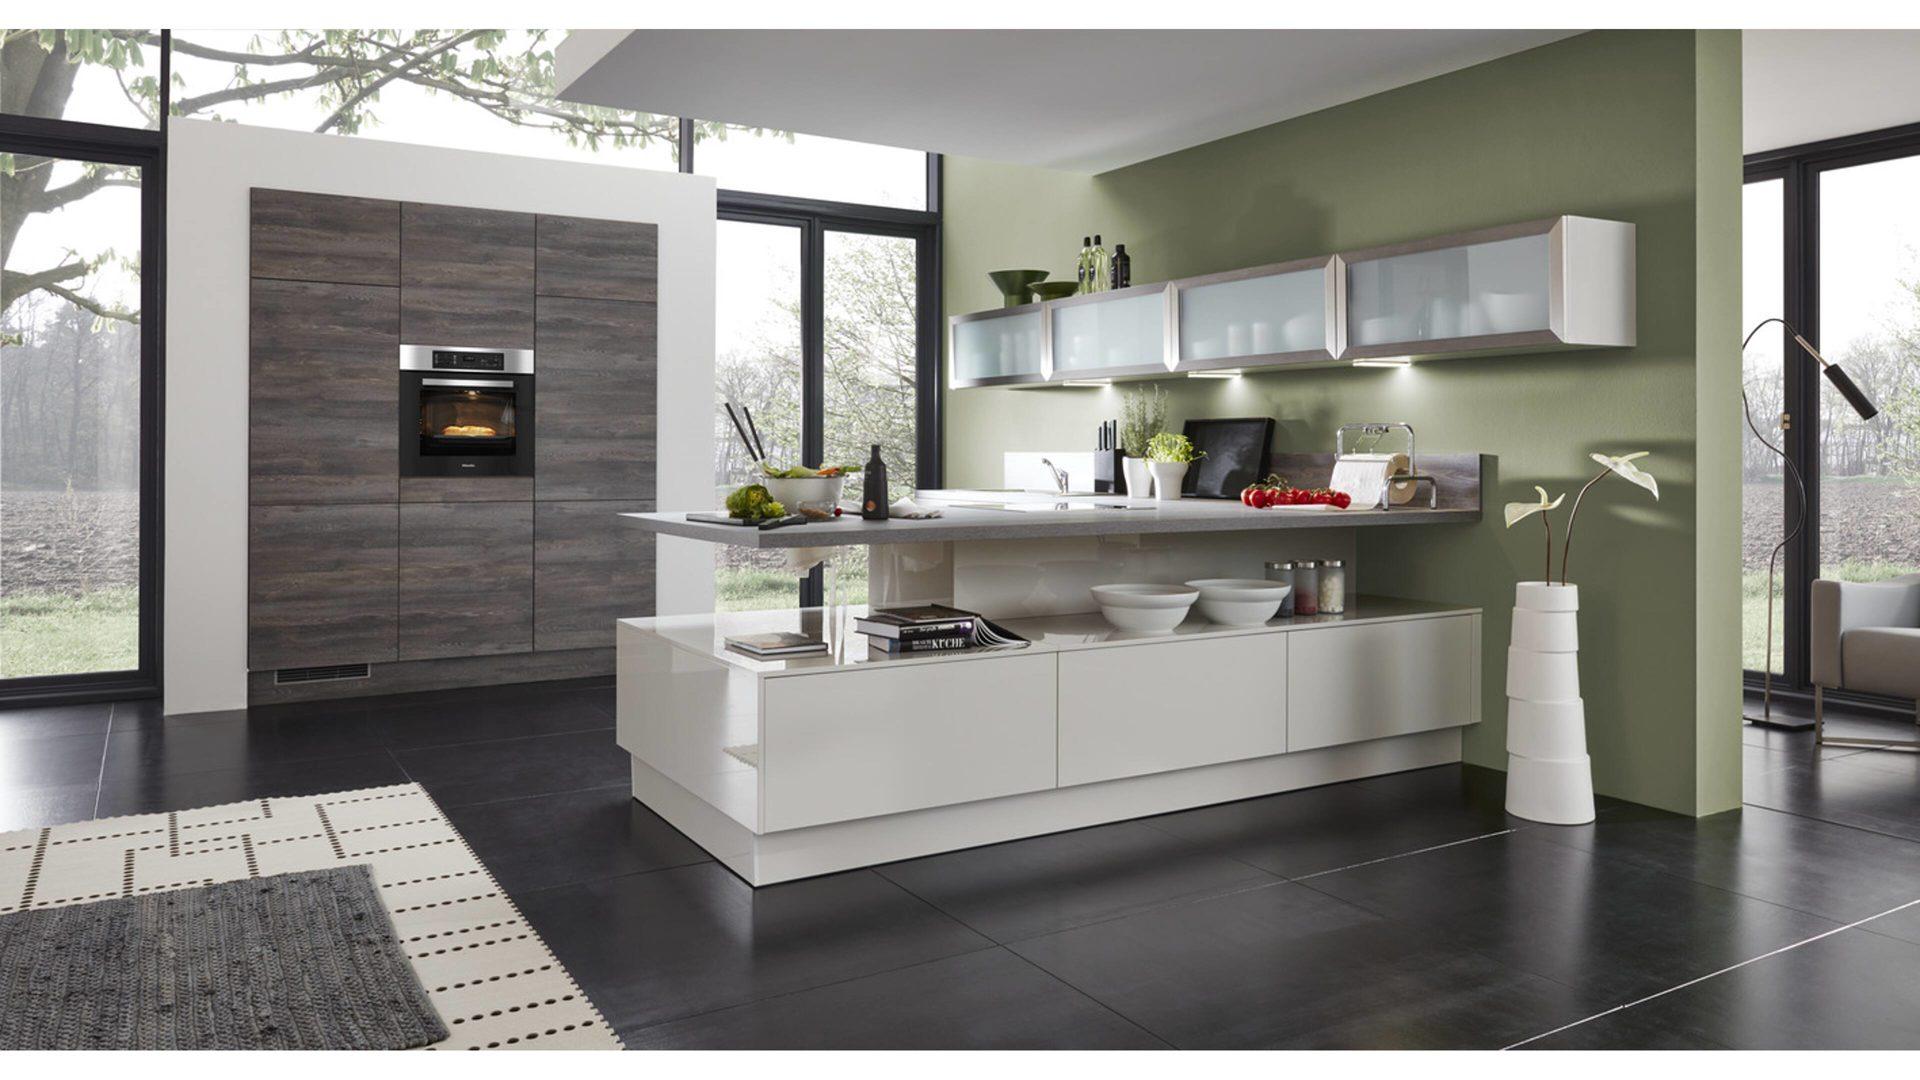 Charmant Klassische Küche Und Bad Roslyn Ny Fotos - Küche Set Ideen ...